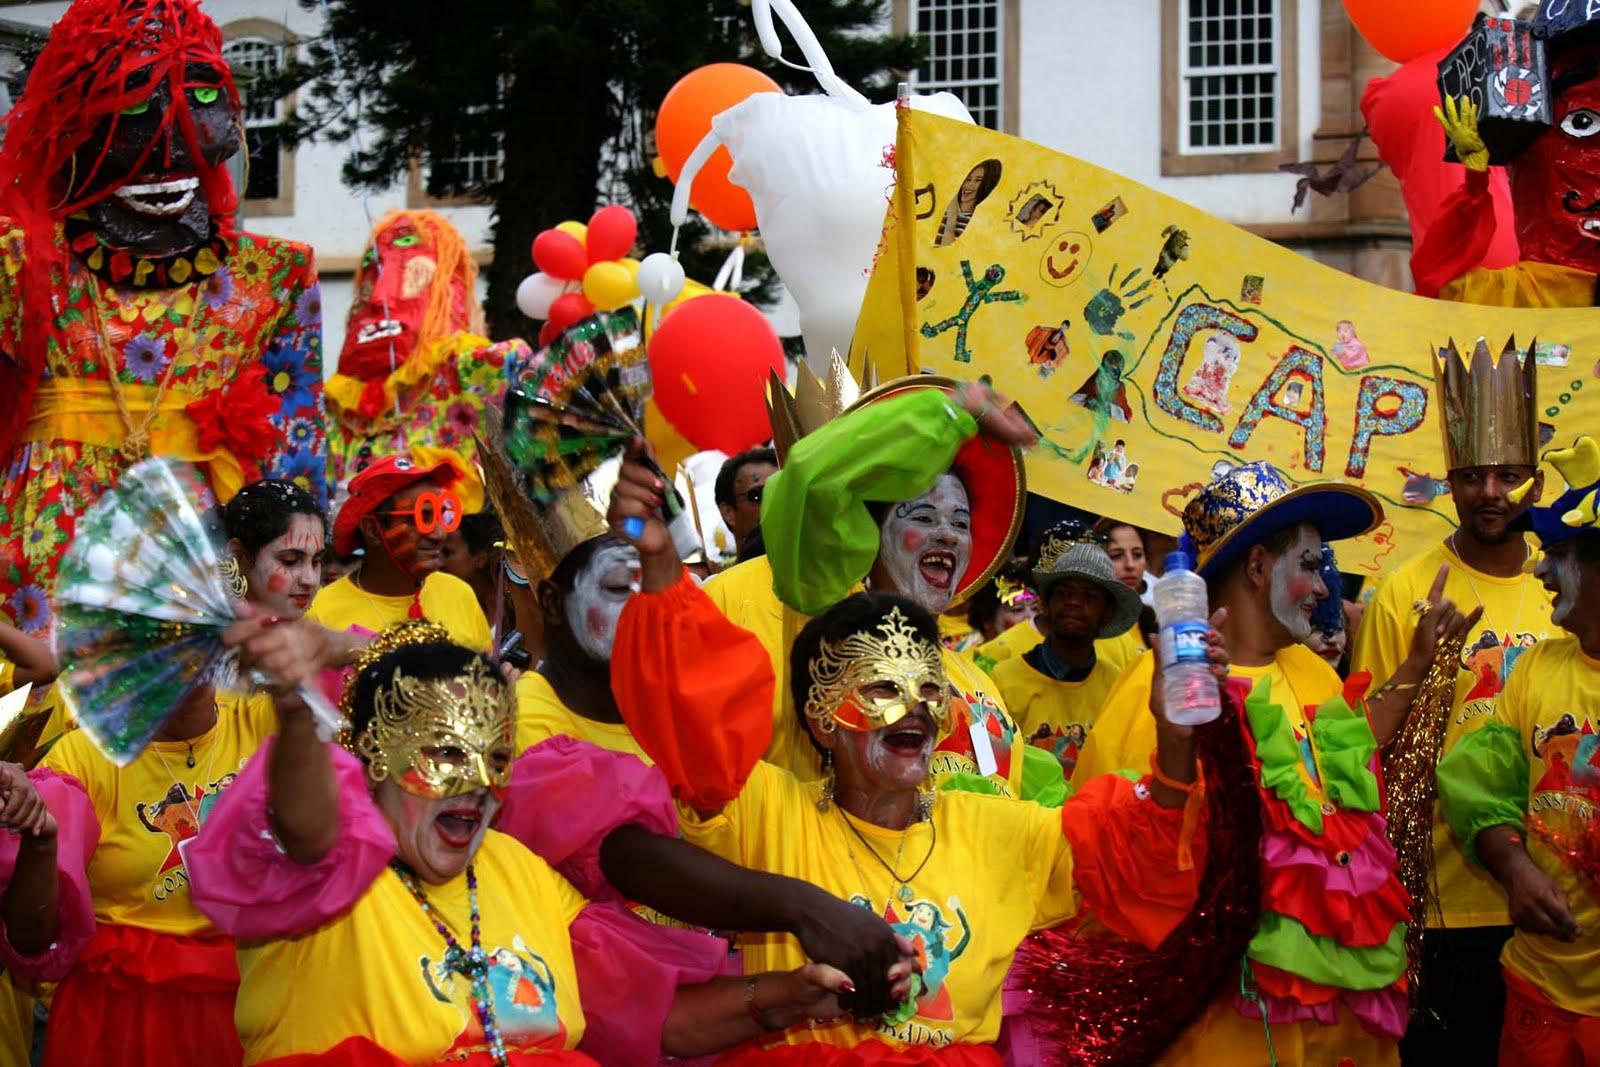 Carnavalescos devem pagar direitos autorais de músicas executadas